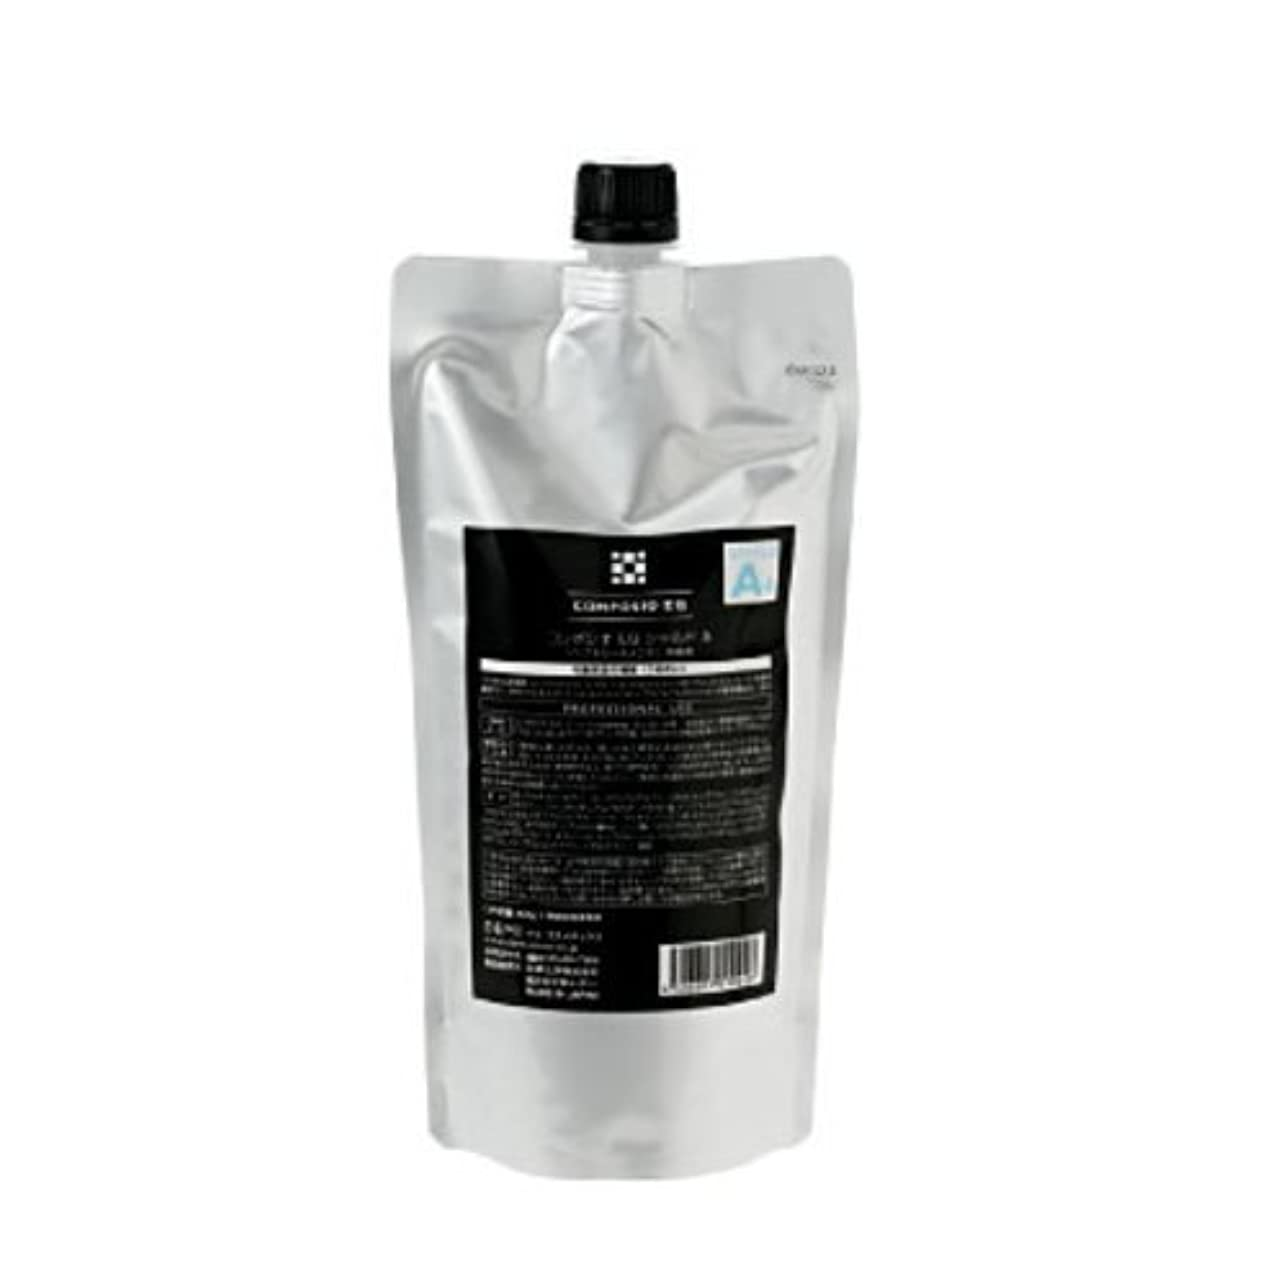 微弱フルーツラップDEMI (デミ) コンポジオ EQ シールド A 450g レフィル